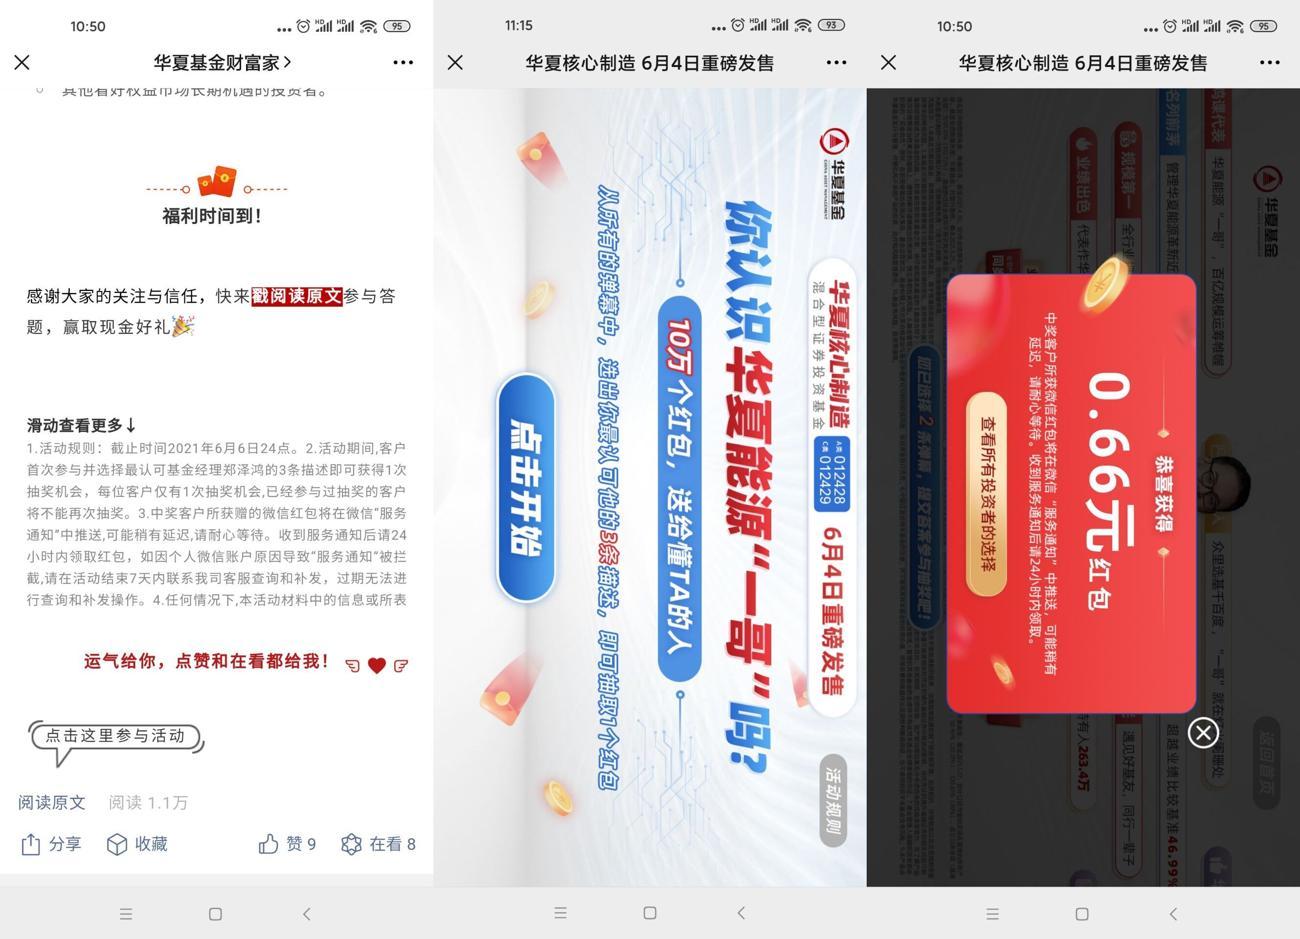 华夏基金抽随机微信红包-第1张图片